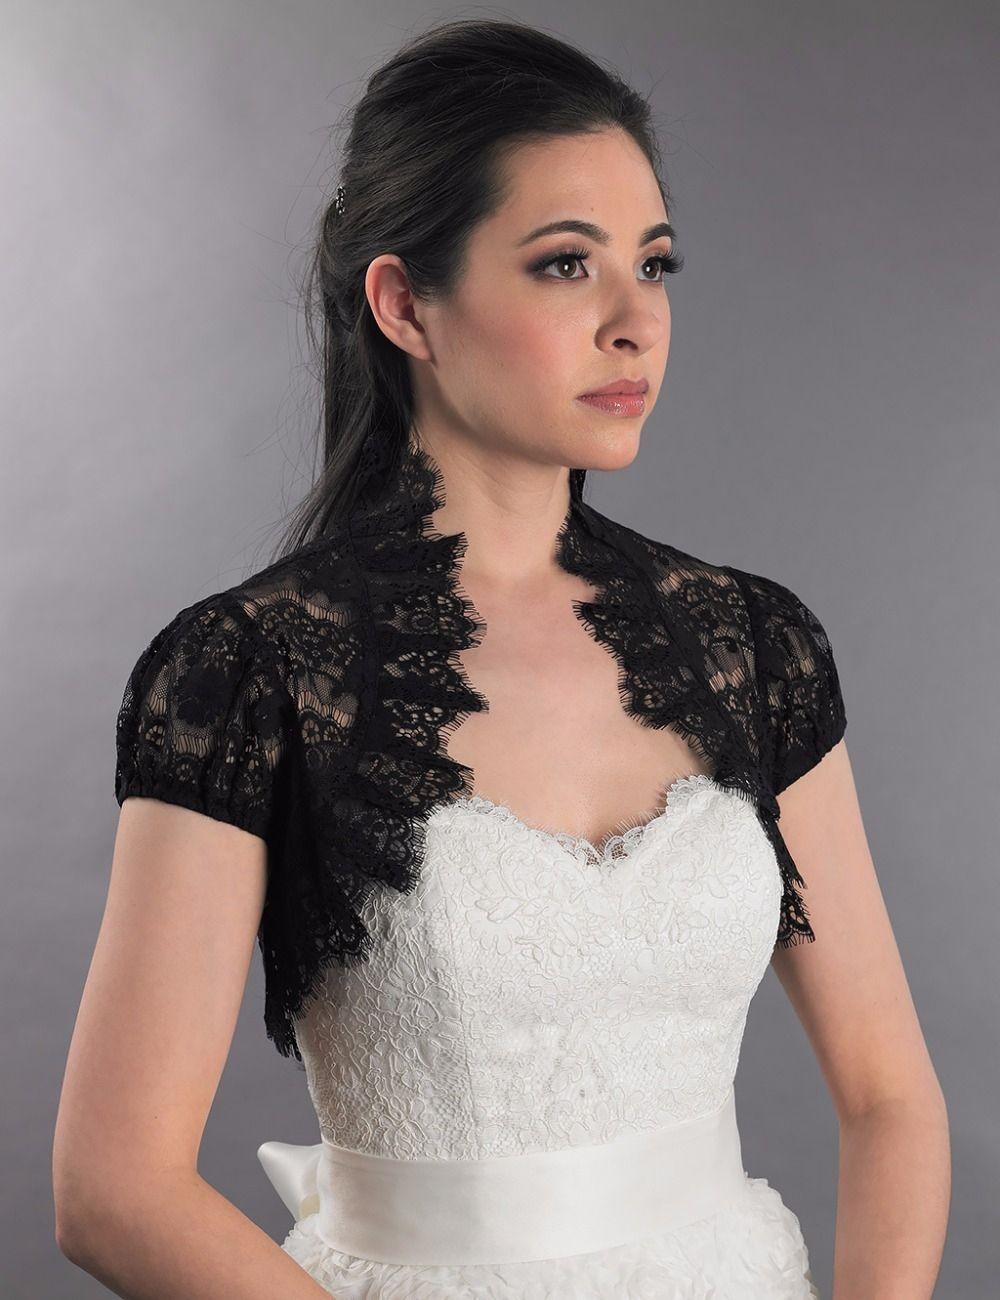 Chaqueta para vestido de fiesta negro